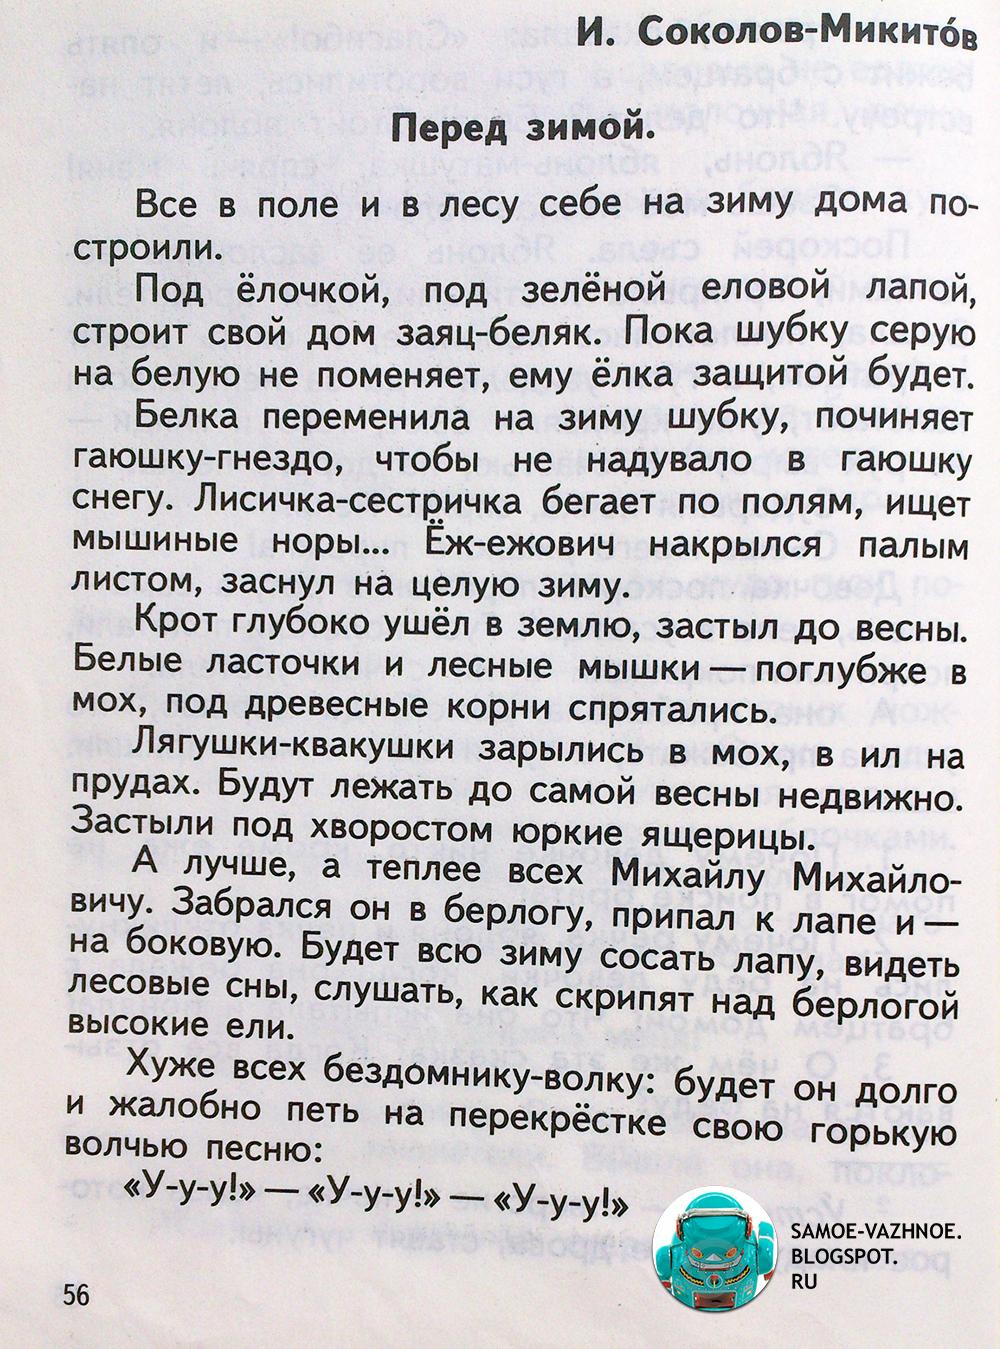 Соколов-Микитов Перед зимой